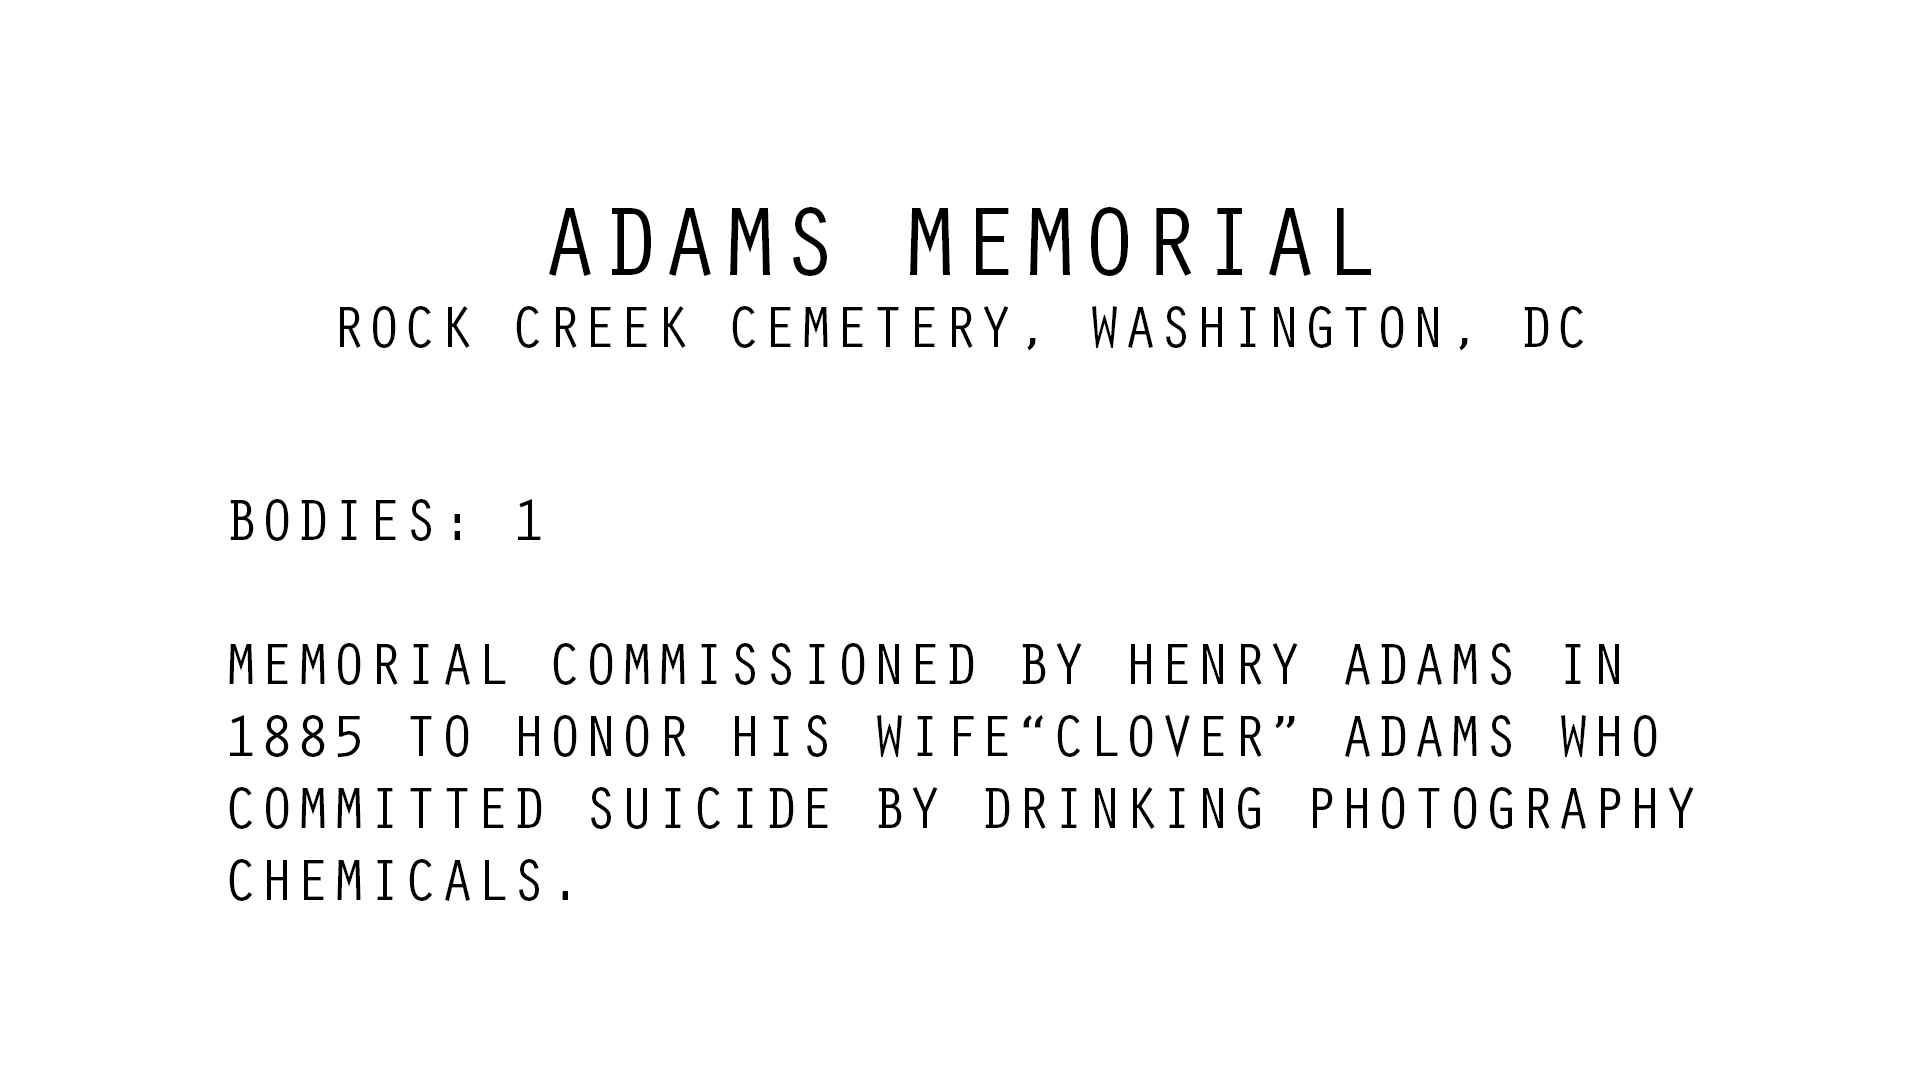 AdamsMemorial.jpg